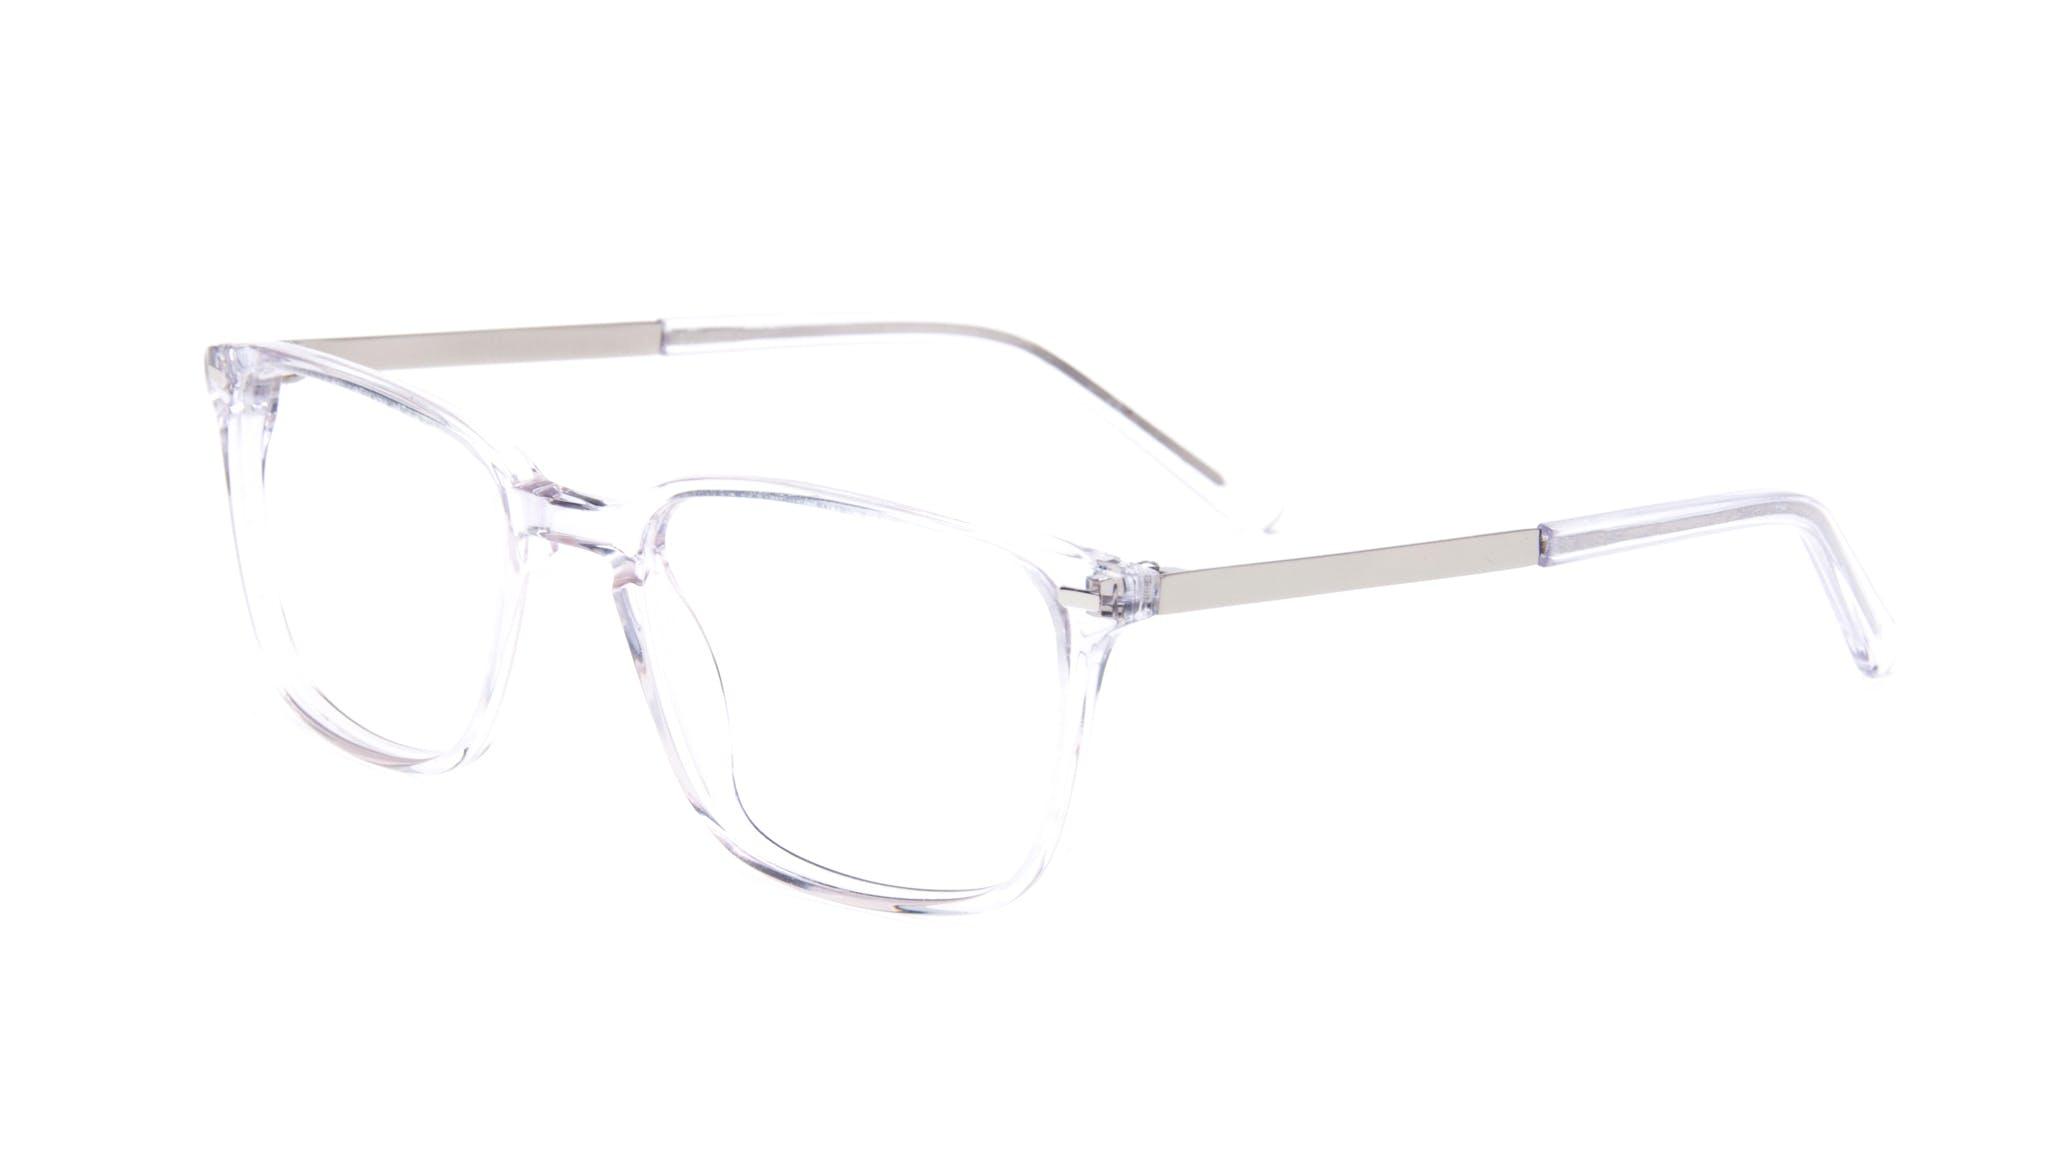 Affordable Fashion Glasses Rectangle Eyeglasses Men Sharp Diamond Tilt